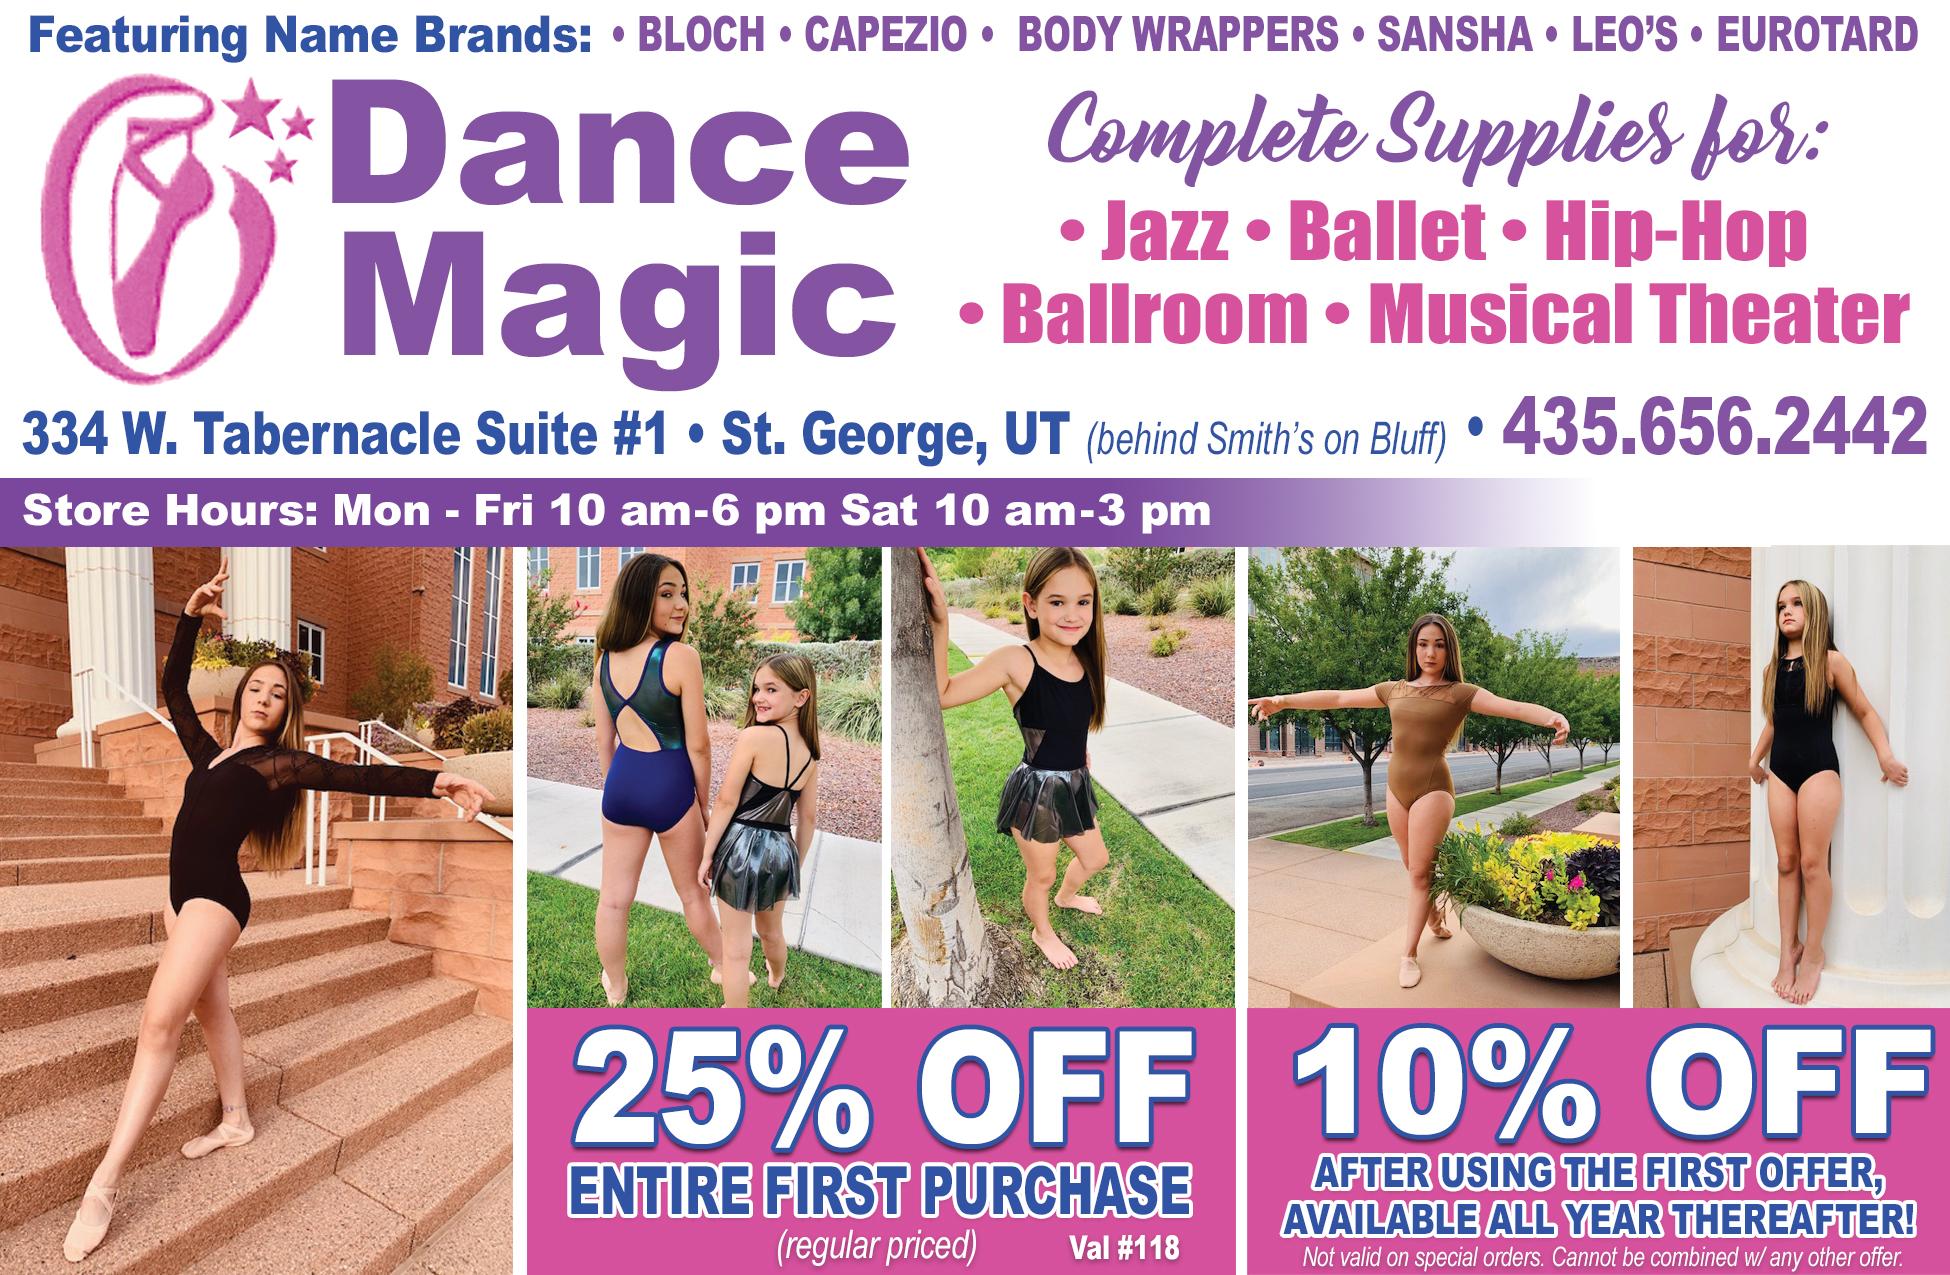 Dance Magic - Dance Lessons